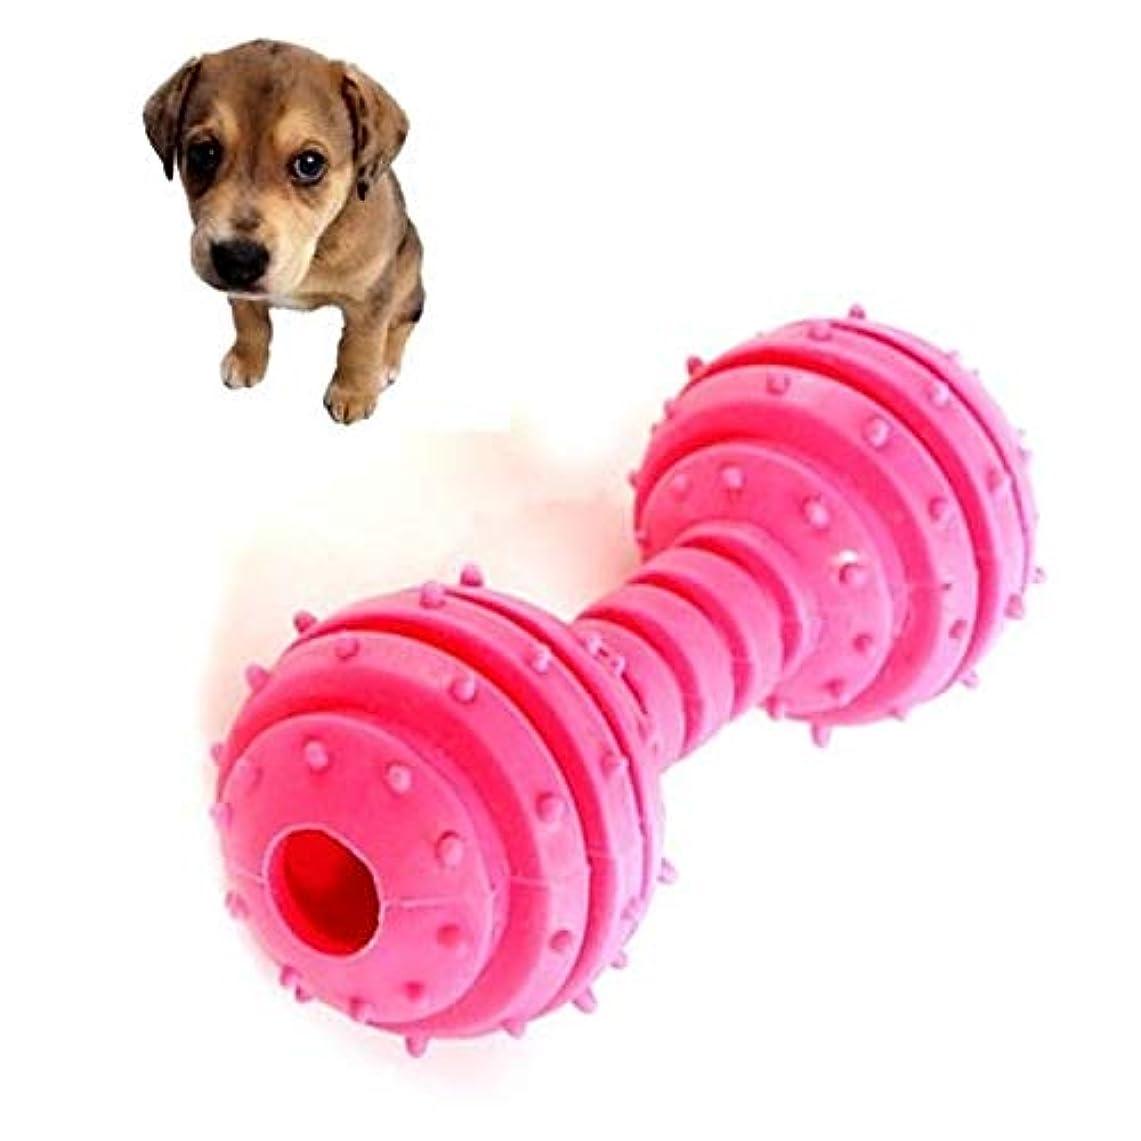 別れる甘味否定するLiye ペットTPR一口耐性ダンベルモルおもちゃおもちゃ安全な非毒性(イエロー) (色 : Red)